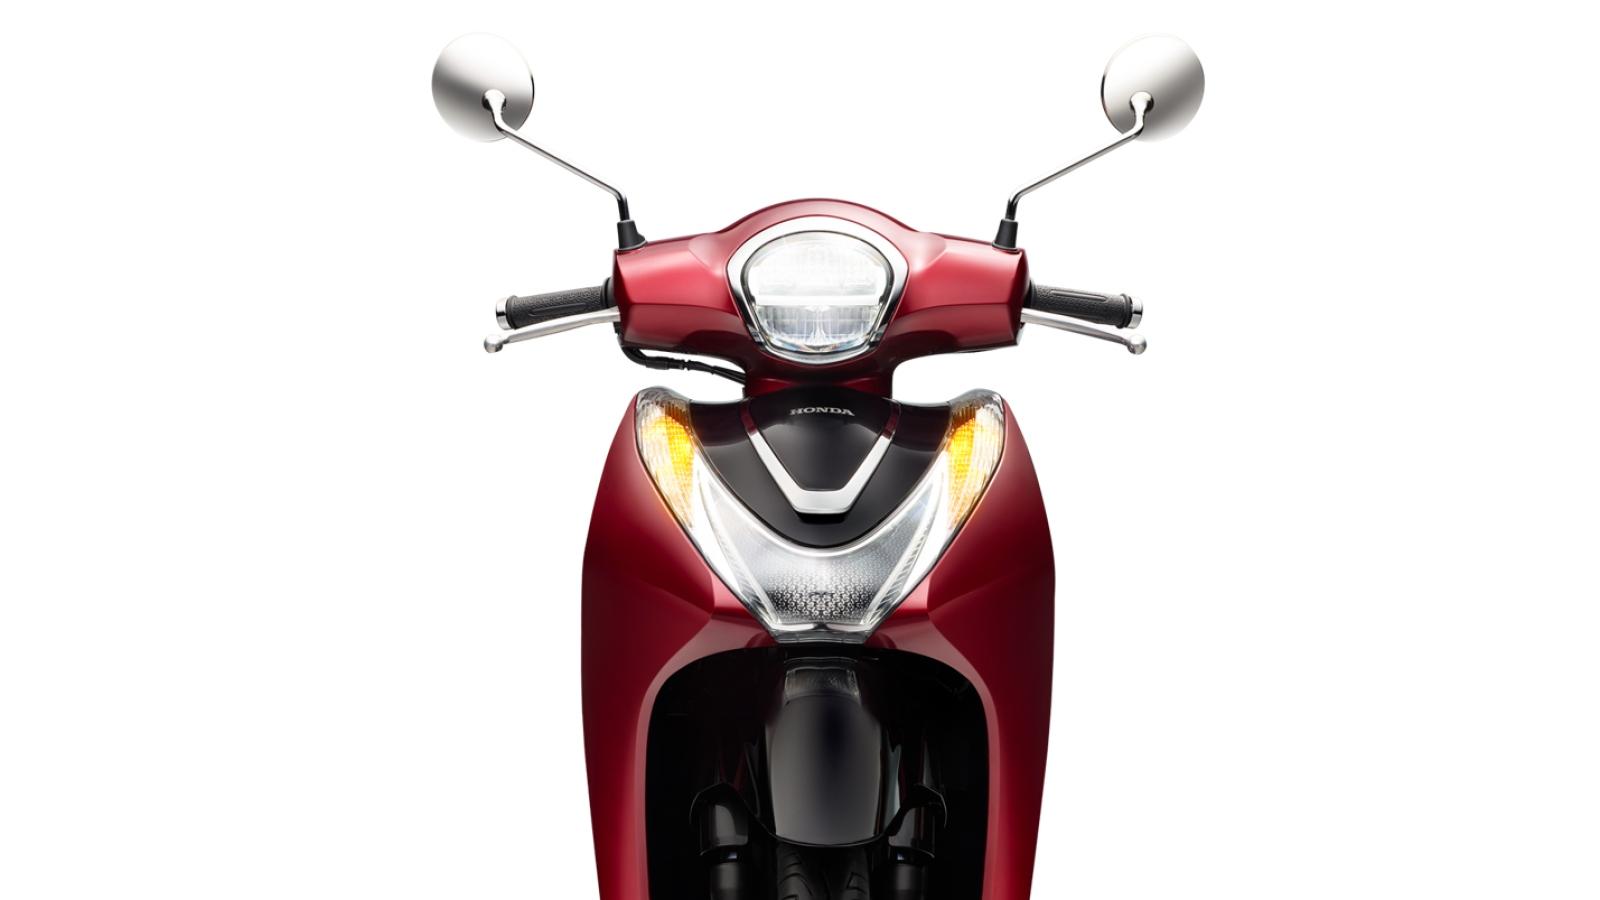 Honda SH Mode thế hệ mới chốt giá từ 53,9 triệu đồng